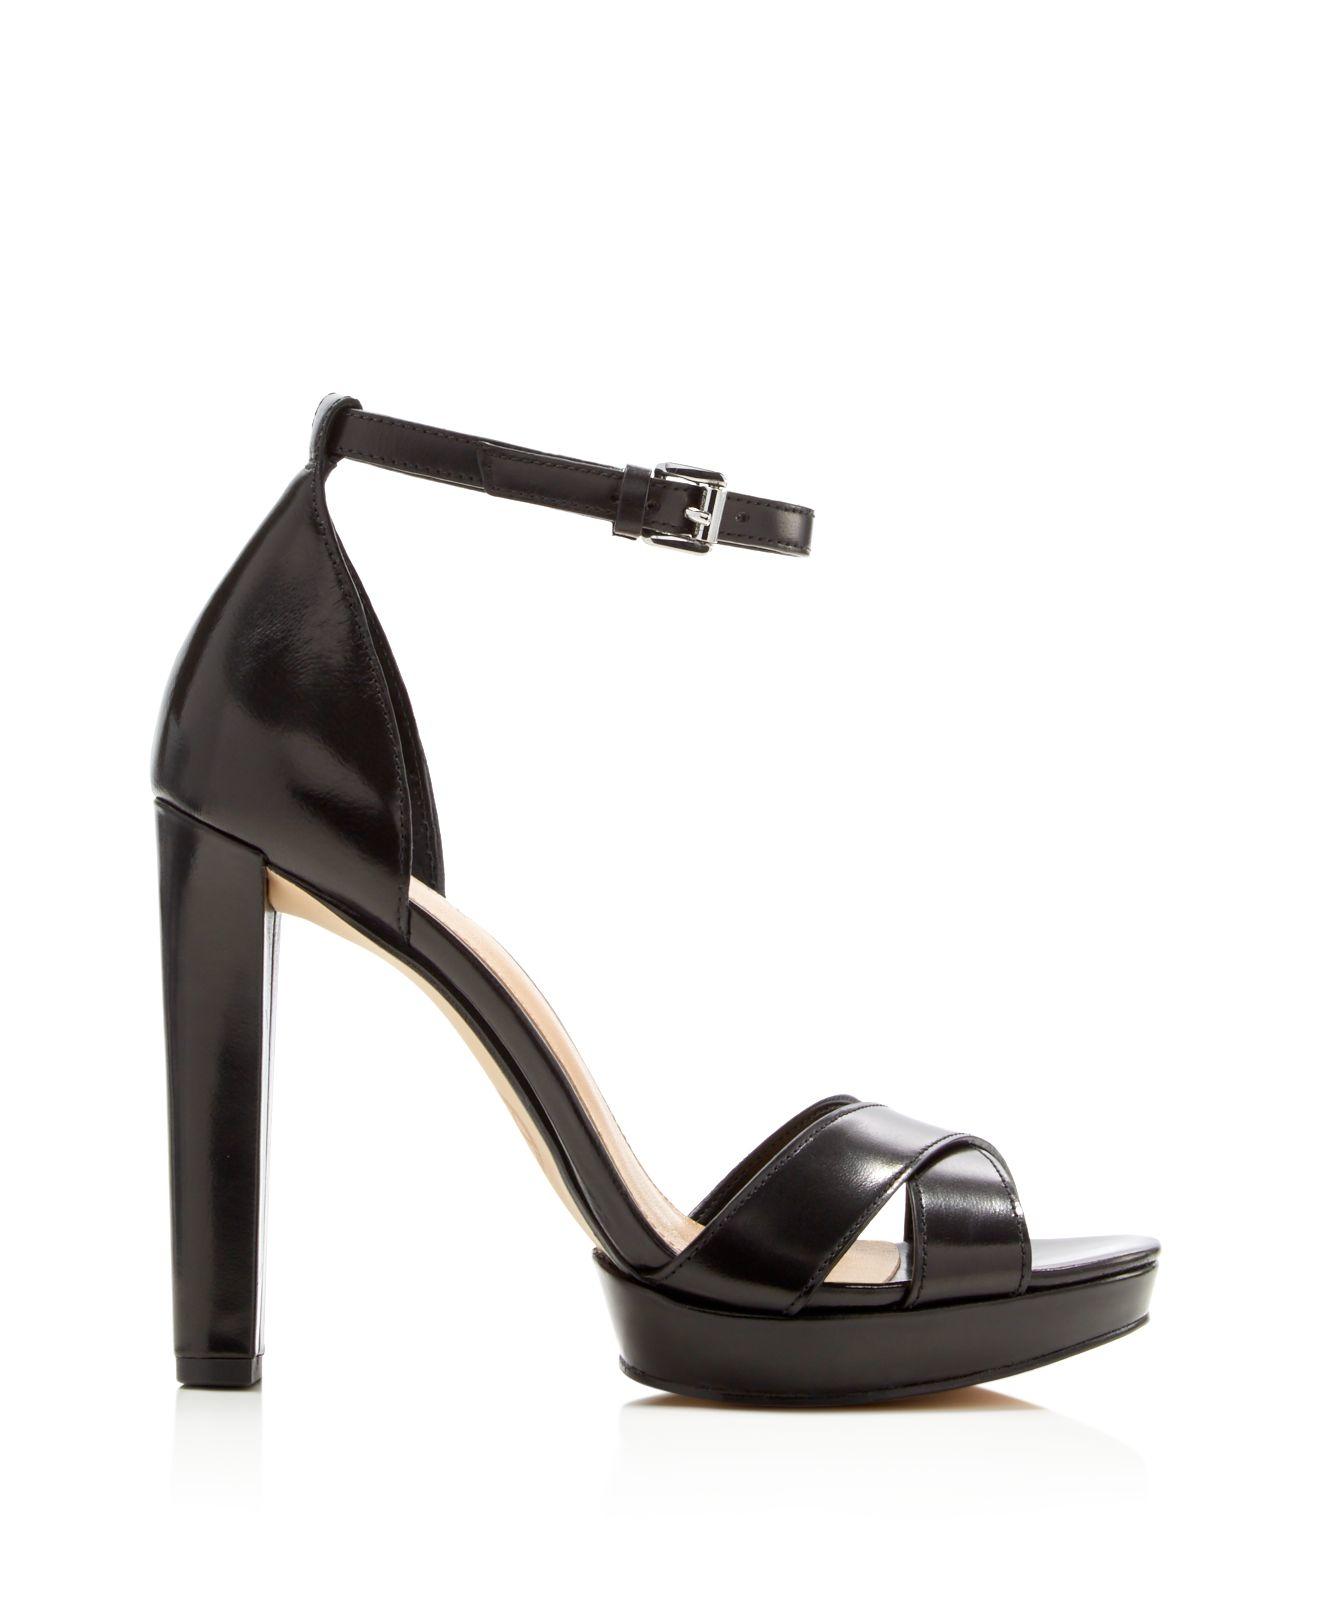 lyst michael michael kors divia ankle strap high heel sandals in black. Black Bedroom Furniture Sets. Home Design Ideas